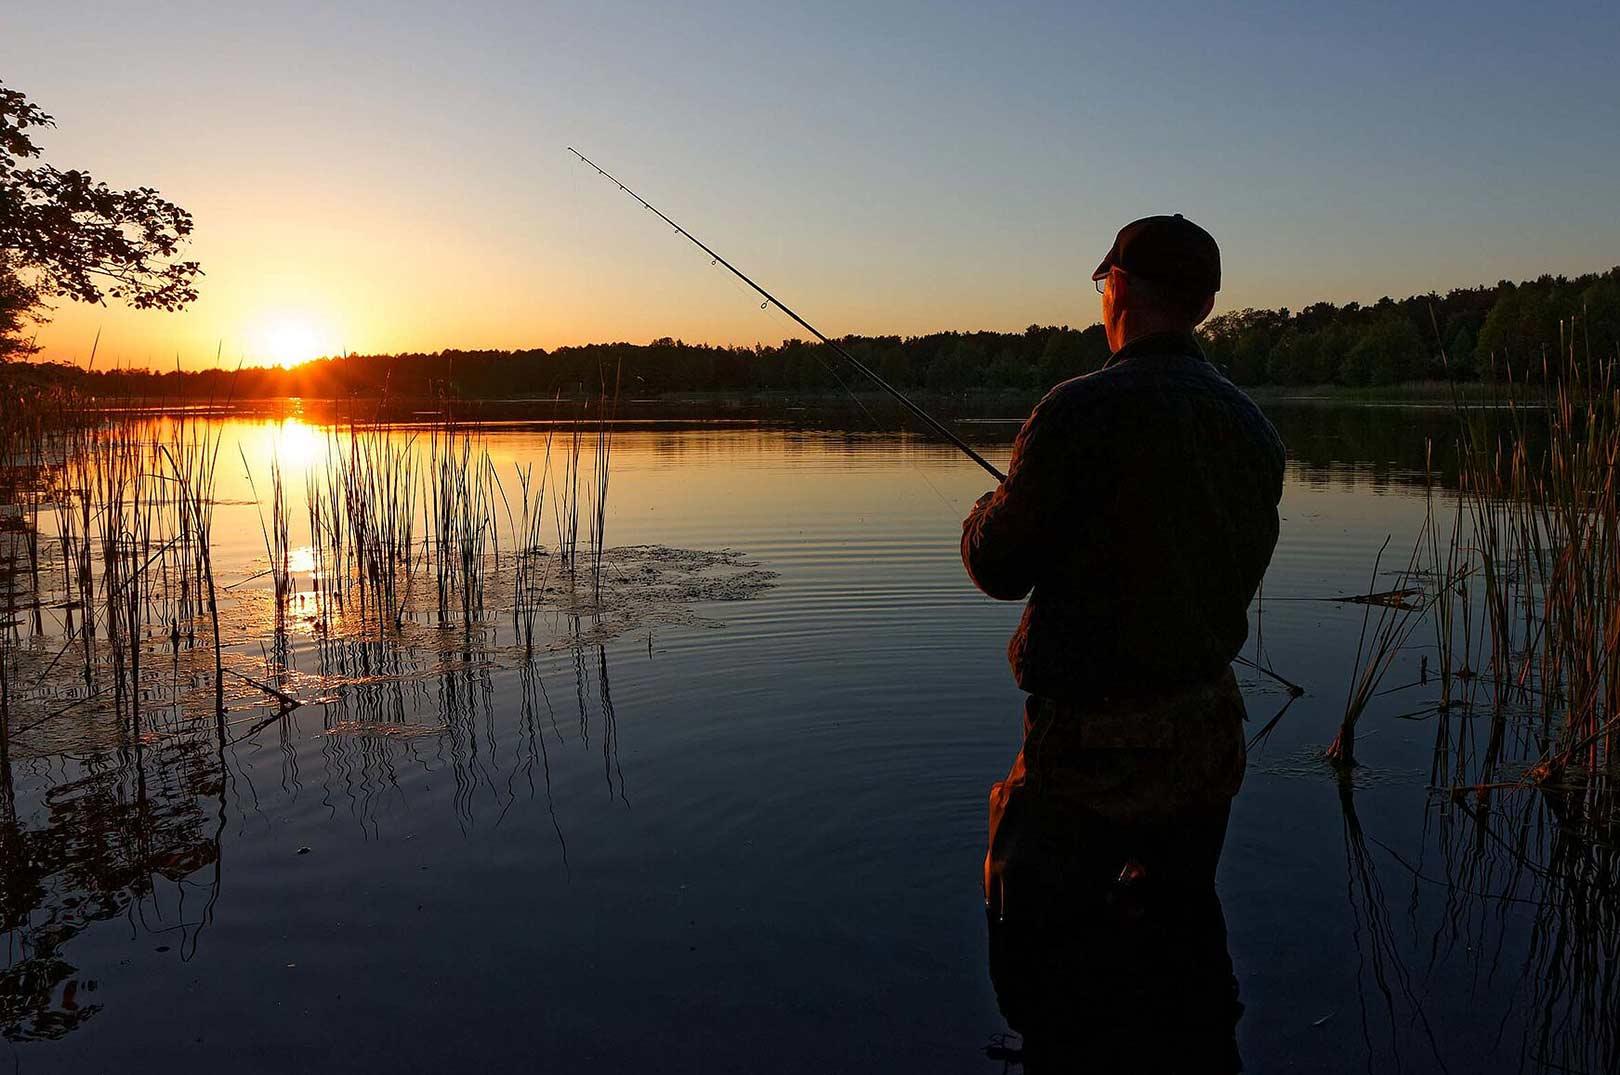 Når Nordic Outdoor Show blæder op for den store fiske, jagt og outdoormesse i slutningen af marts 2022 - bliver det med Danmarks Sportsfiskerforbund som samarbejdspartner.